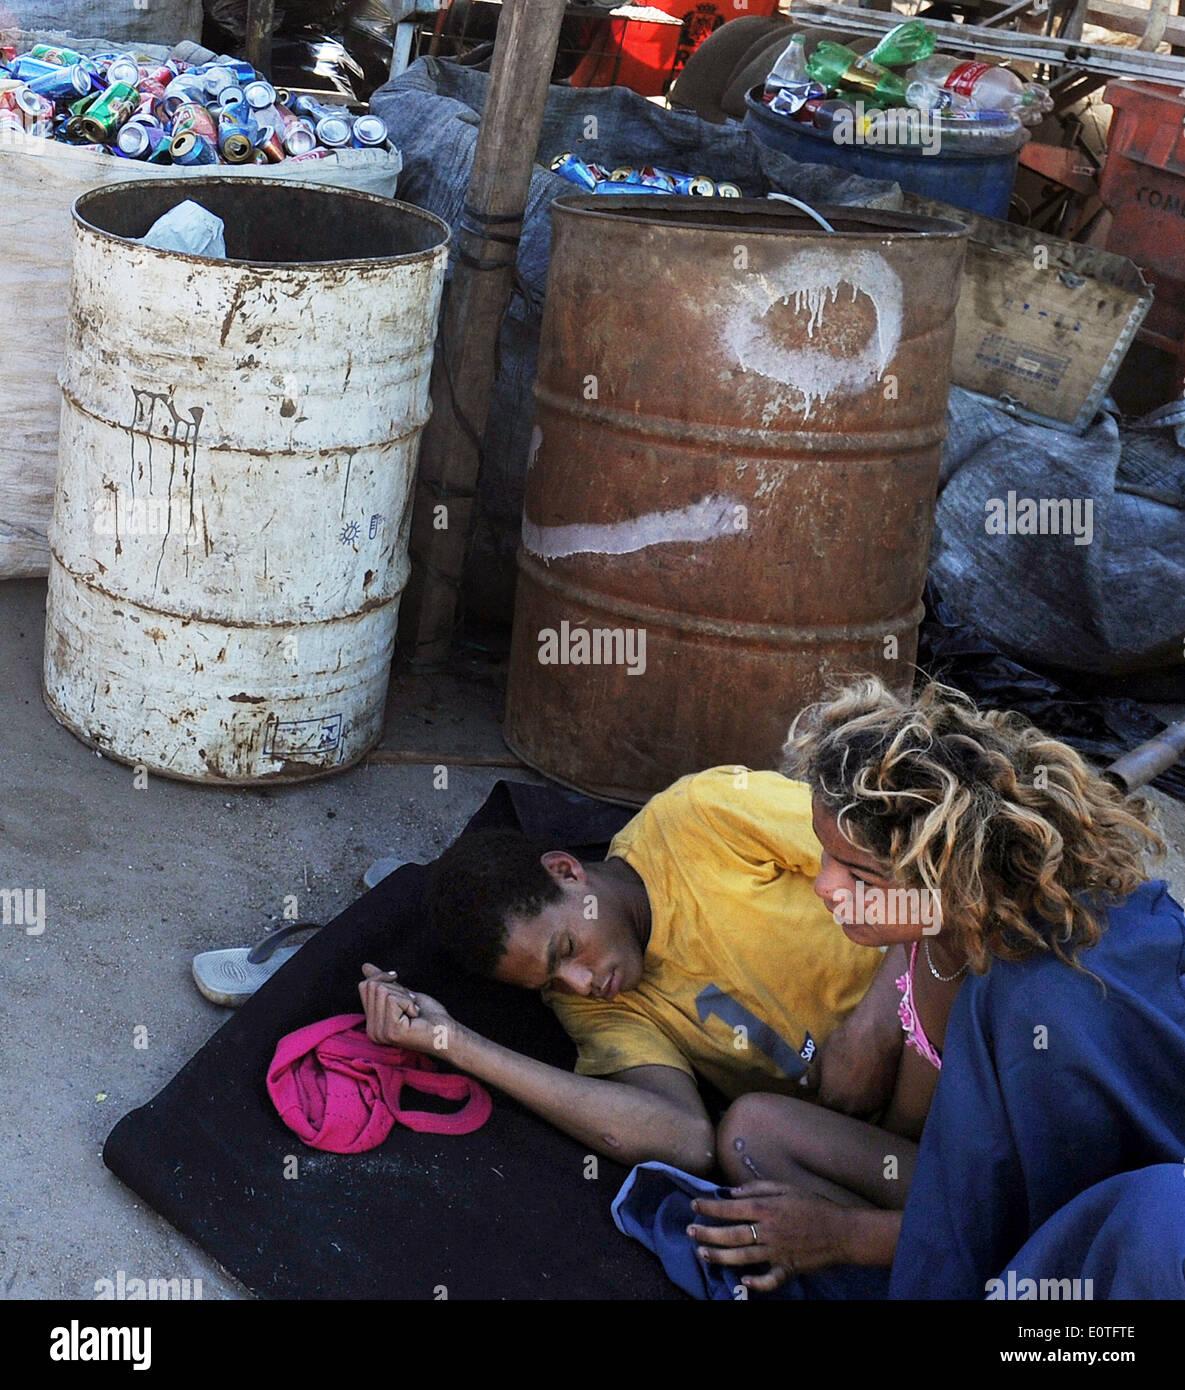 Rio De Janeiro, Brasilien, liegt Januar 2014 paar Riss Adicts in eine Müll-Einzahlung auf ein Shantytowm. Stockfoto